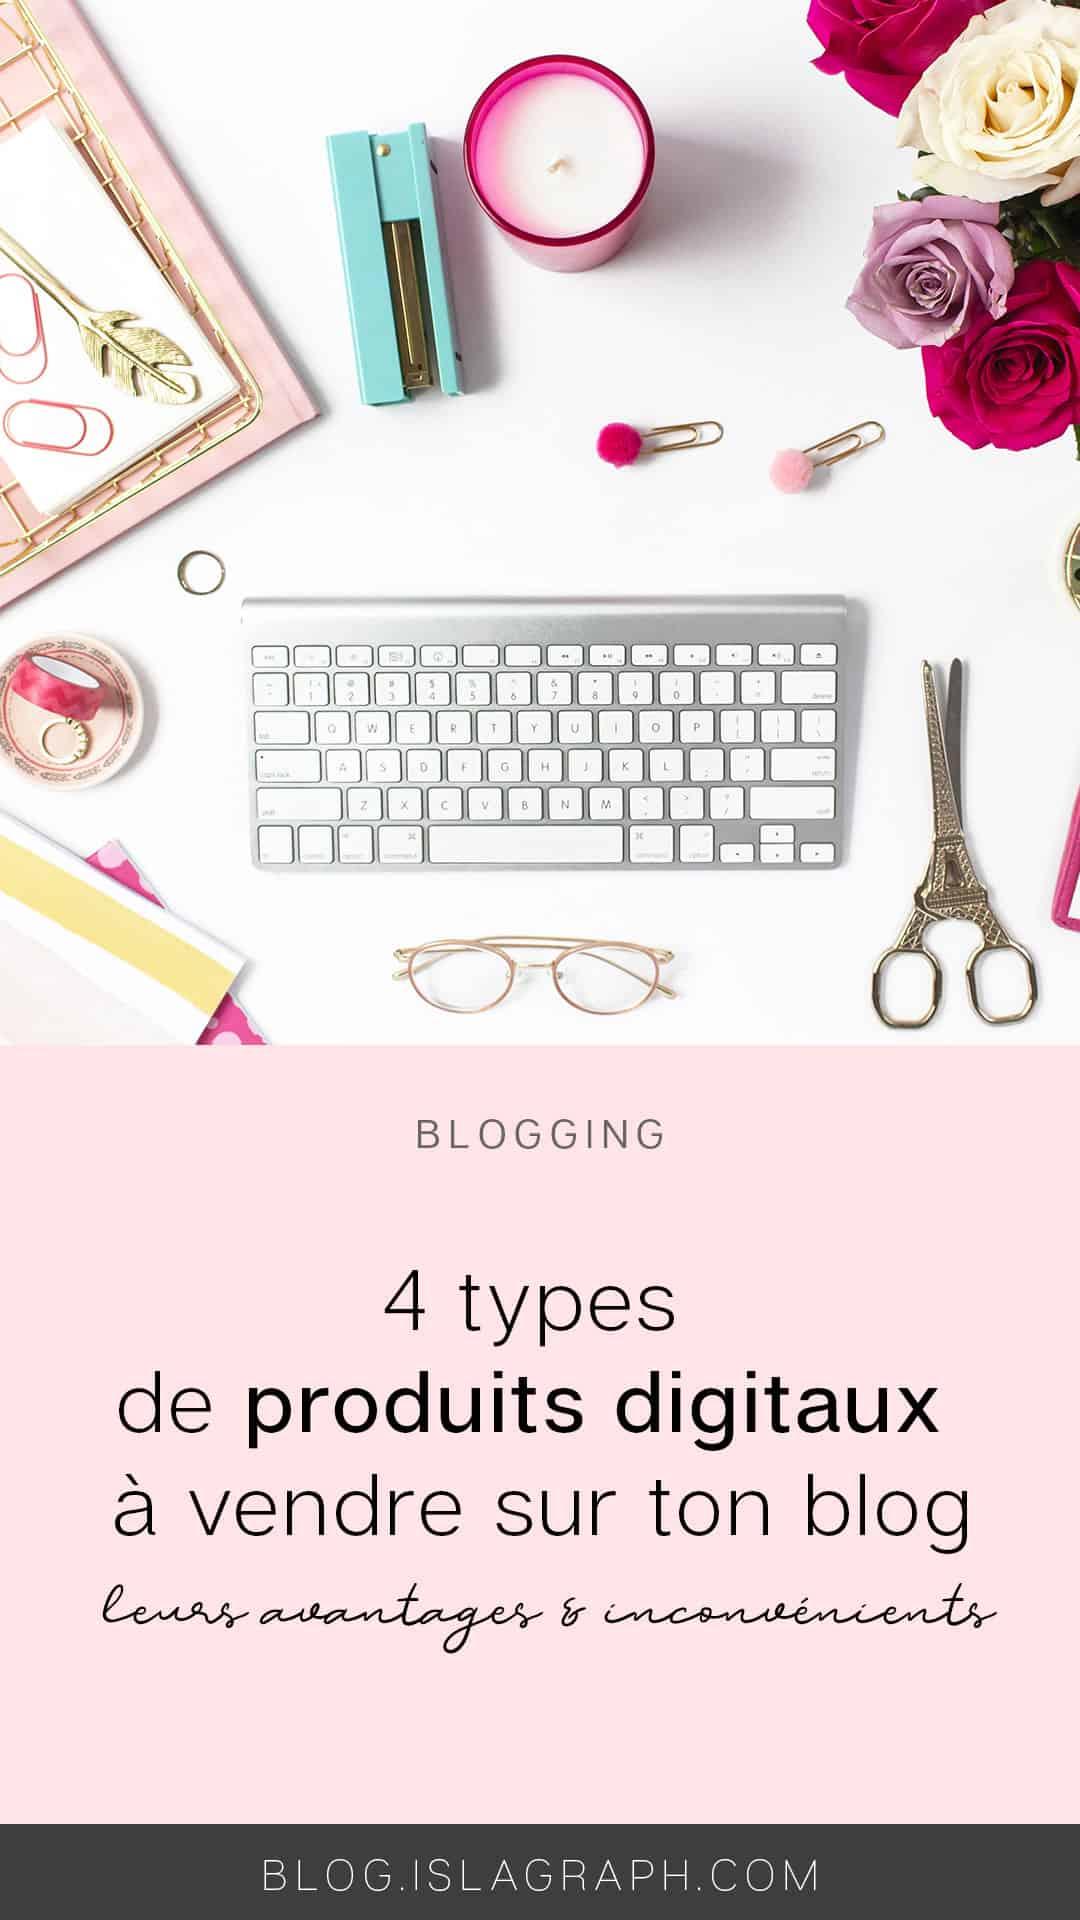 Même si vendre ses propres produits n'est pas la seule solution pour monétiser son blog, il s'agit de la méthode la plus répandue. Nous allons voir ensemble quel type de produit tu peux créer avec leurs avantages et inconvénients.